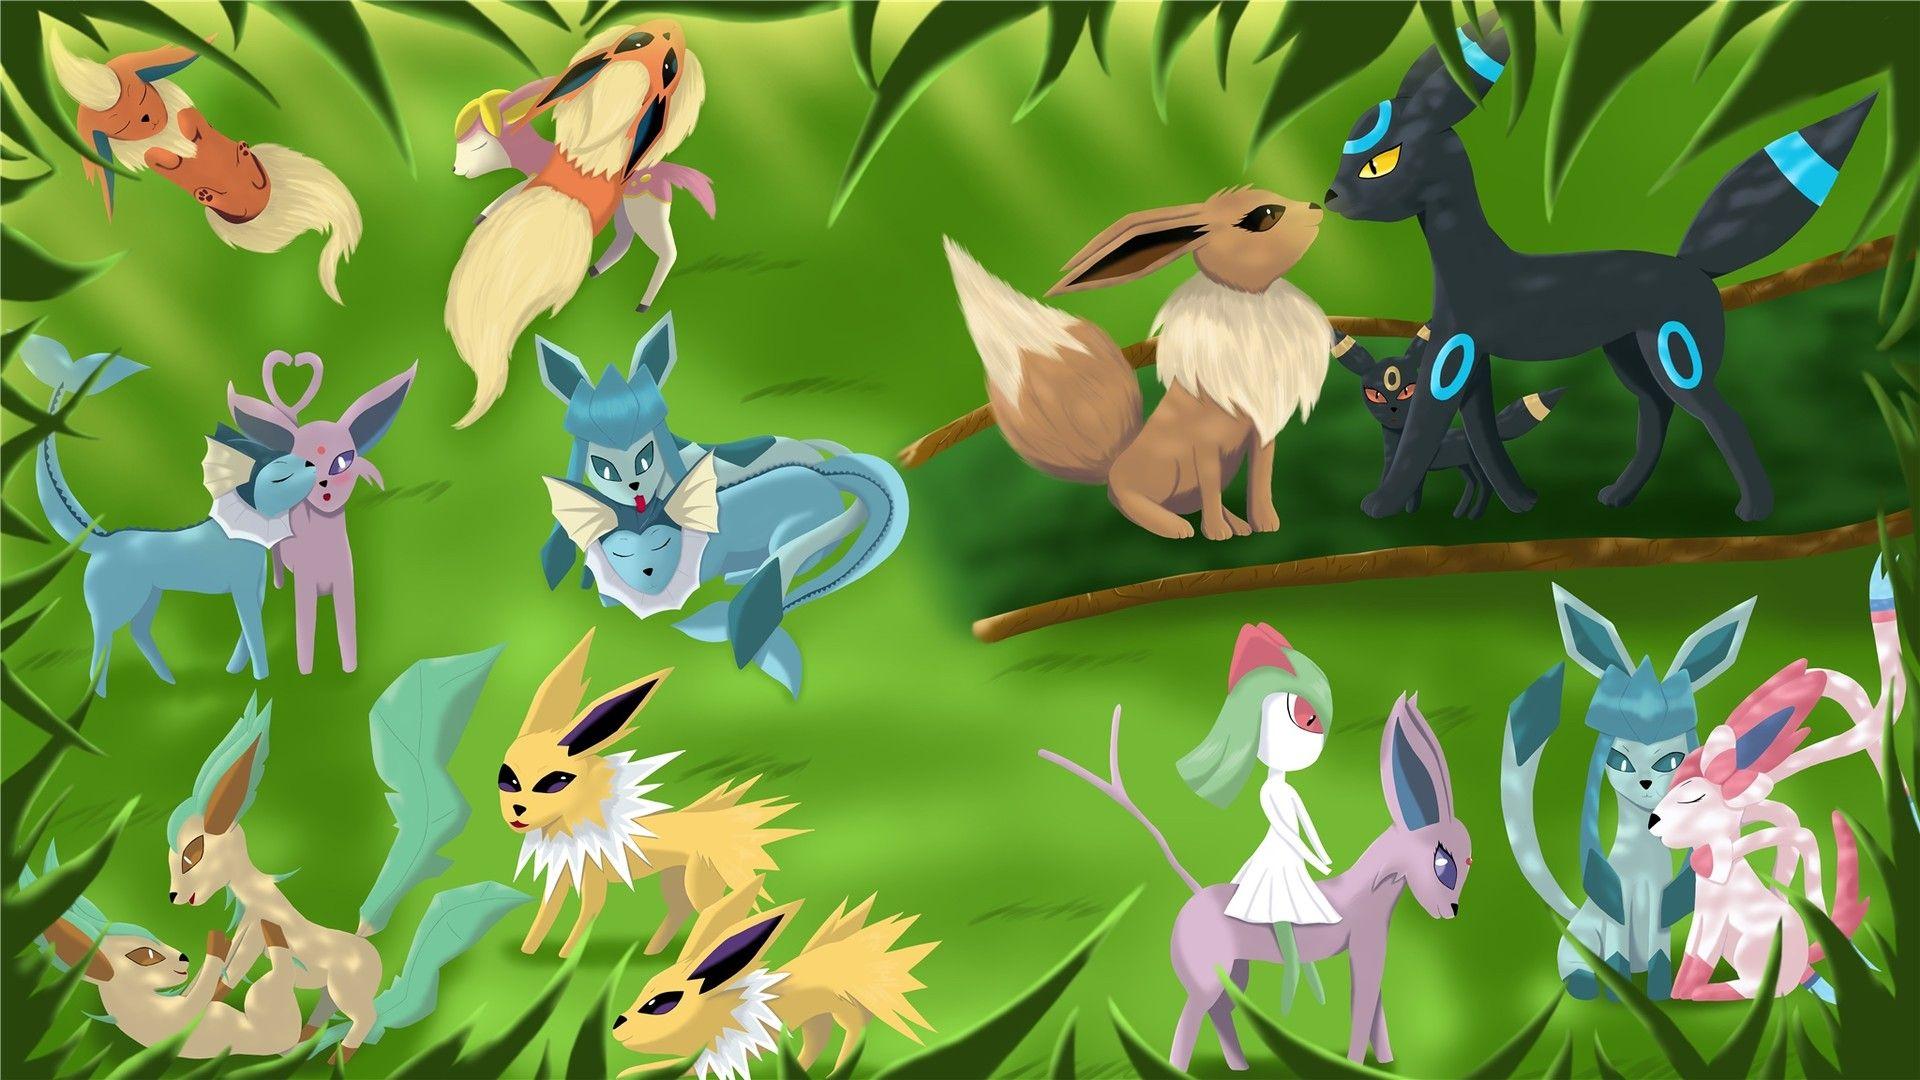 Eevee Evolution Background Wallpaper